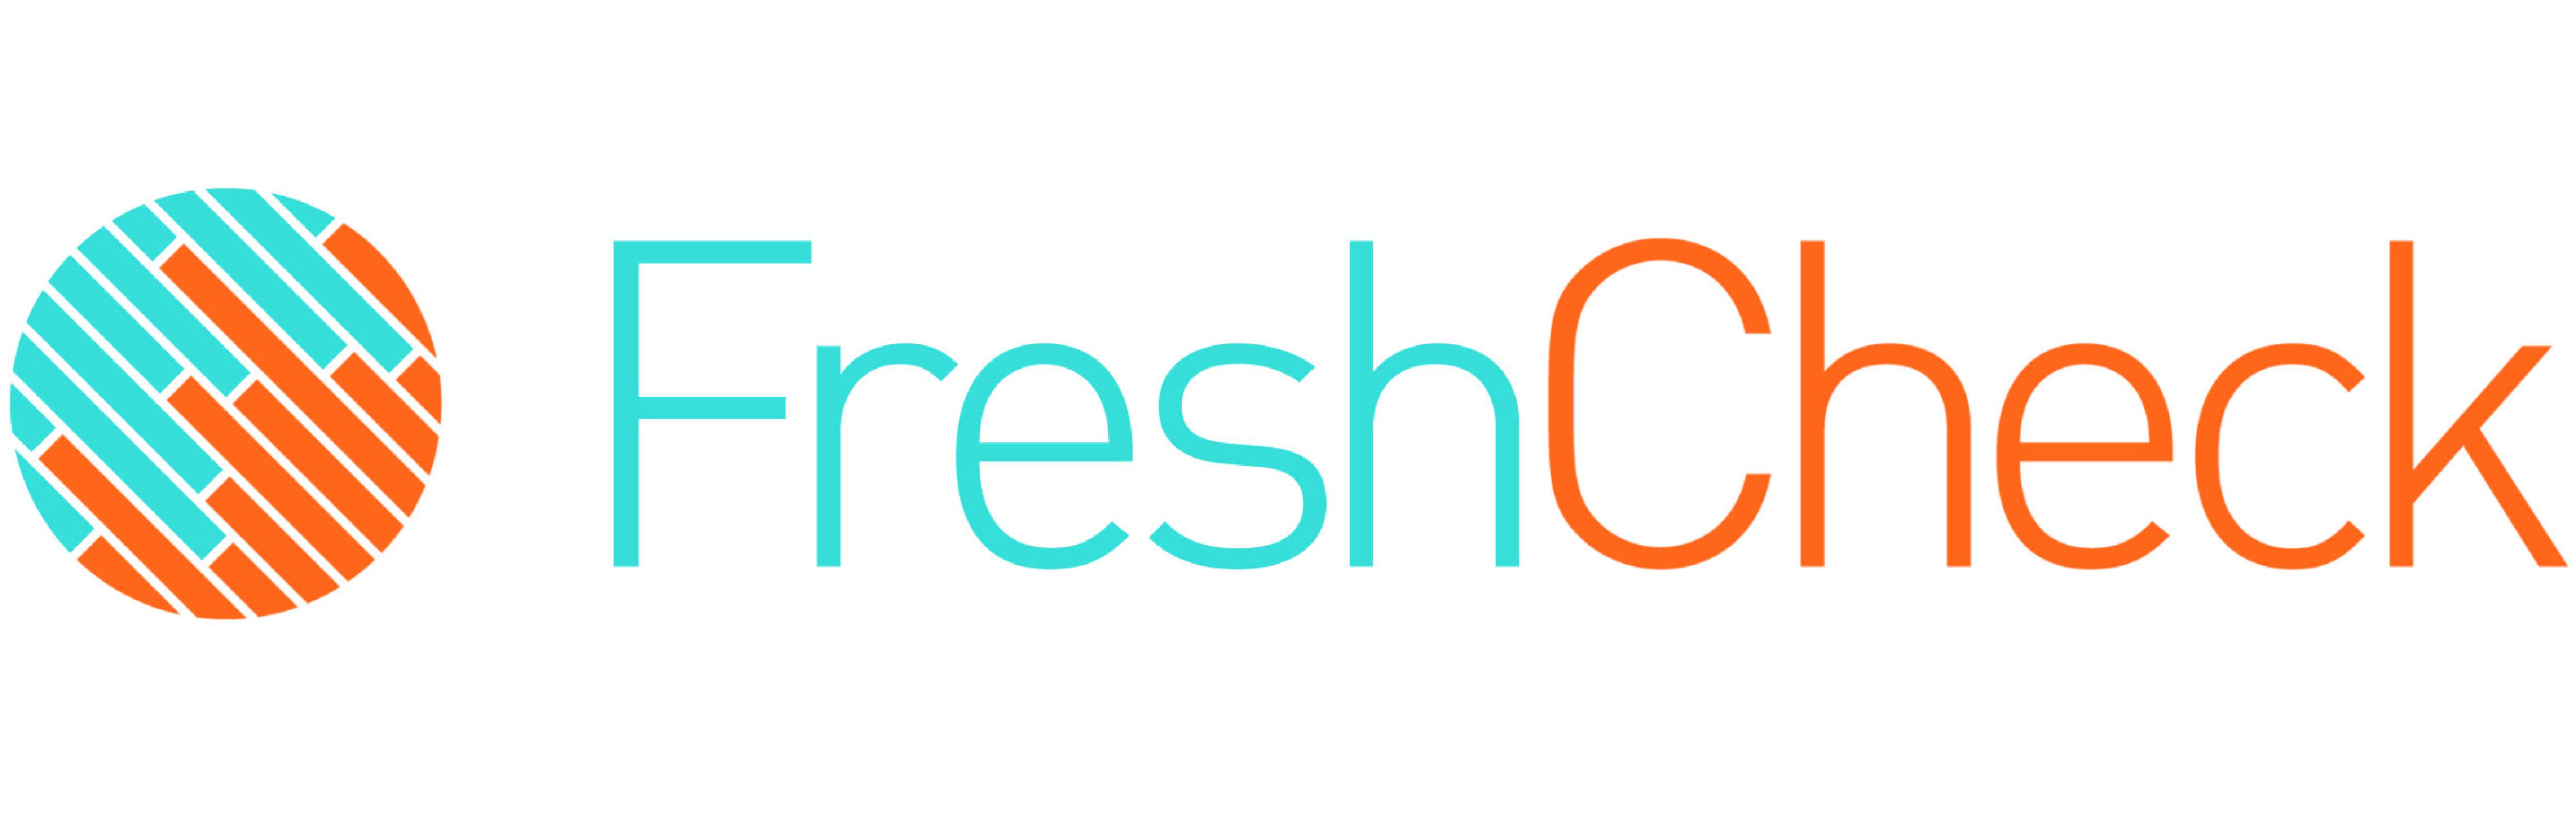 Meet the team - Fresh Check